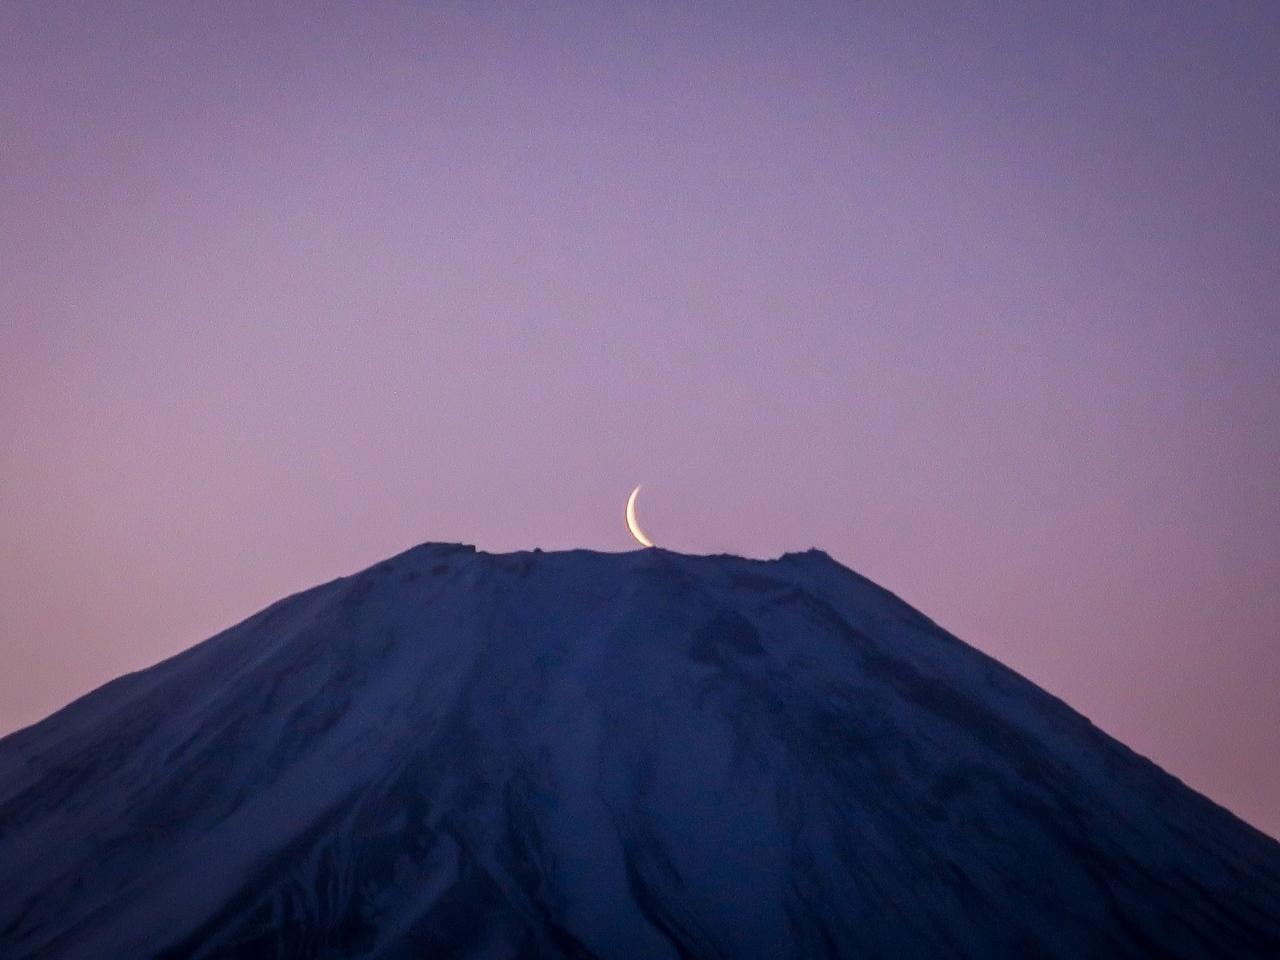 2020.3.21早朝の富士山(朝霧高原)_e0321032_14103667.jpg